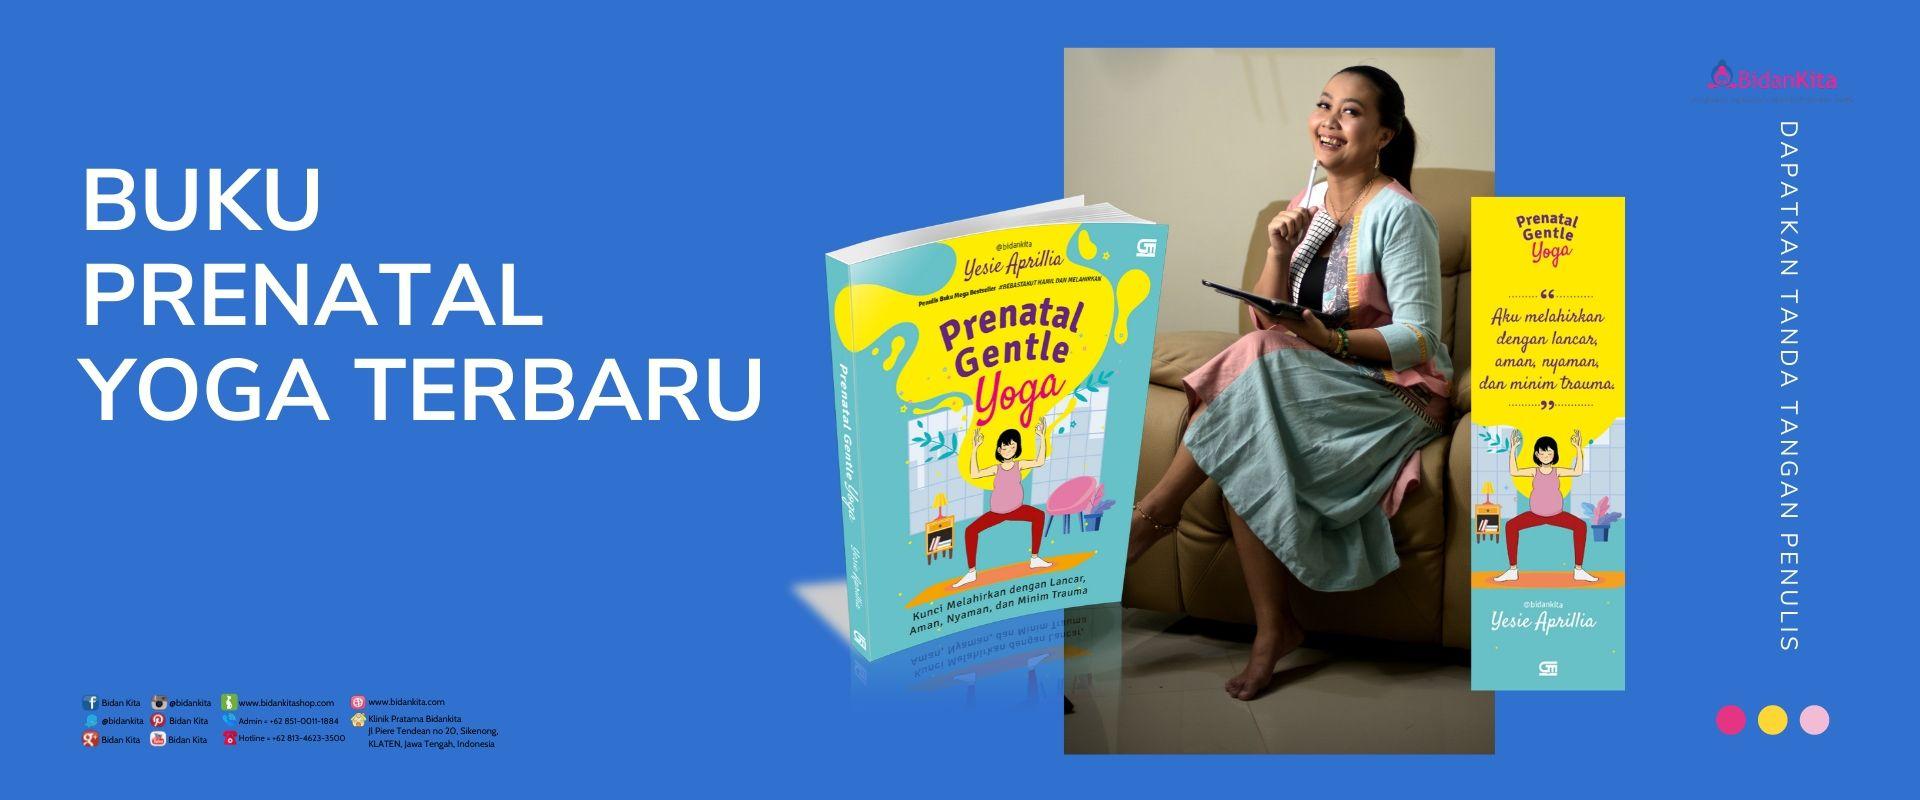 """Buku """"PRENATAL GENTLE YOGA"""""""